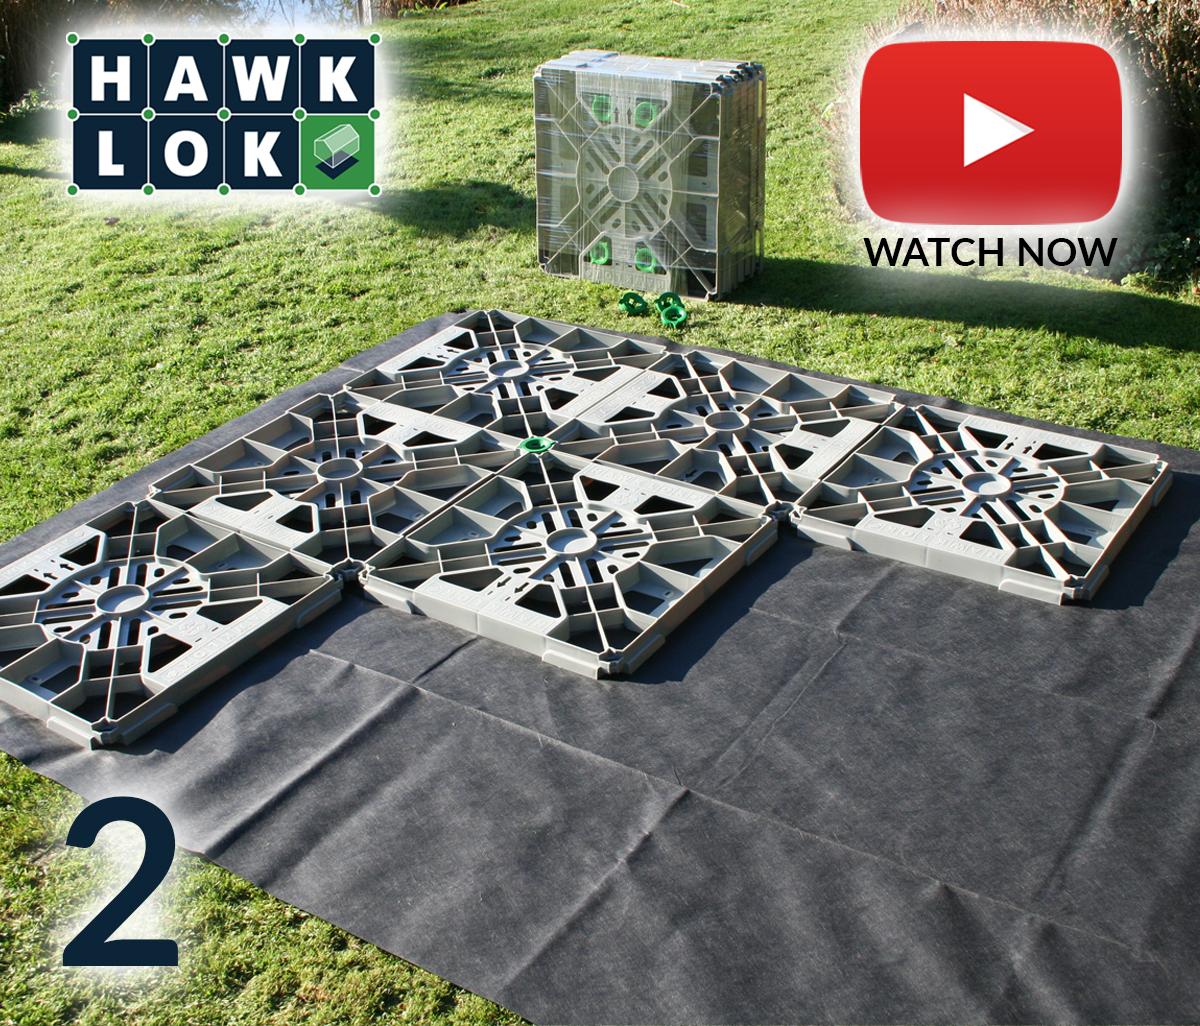 hawklok shed base kit for garden shed building all sizes. Black Bedroom Furniture Sets. Home Design Ideas